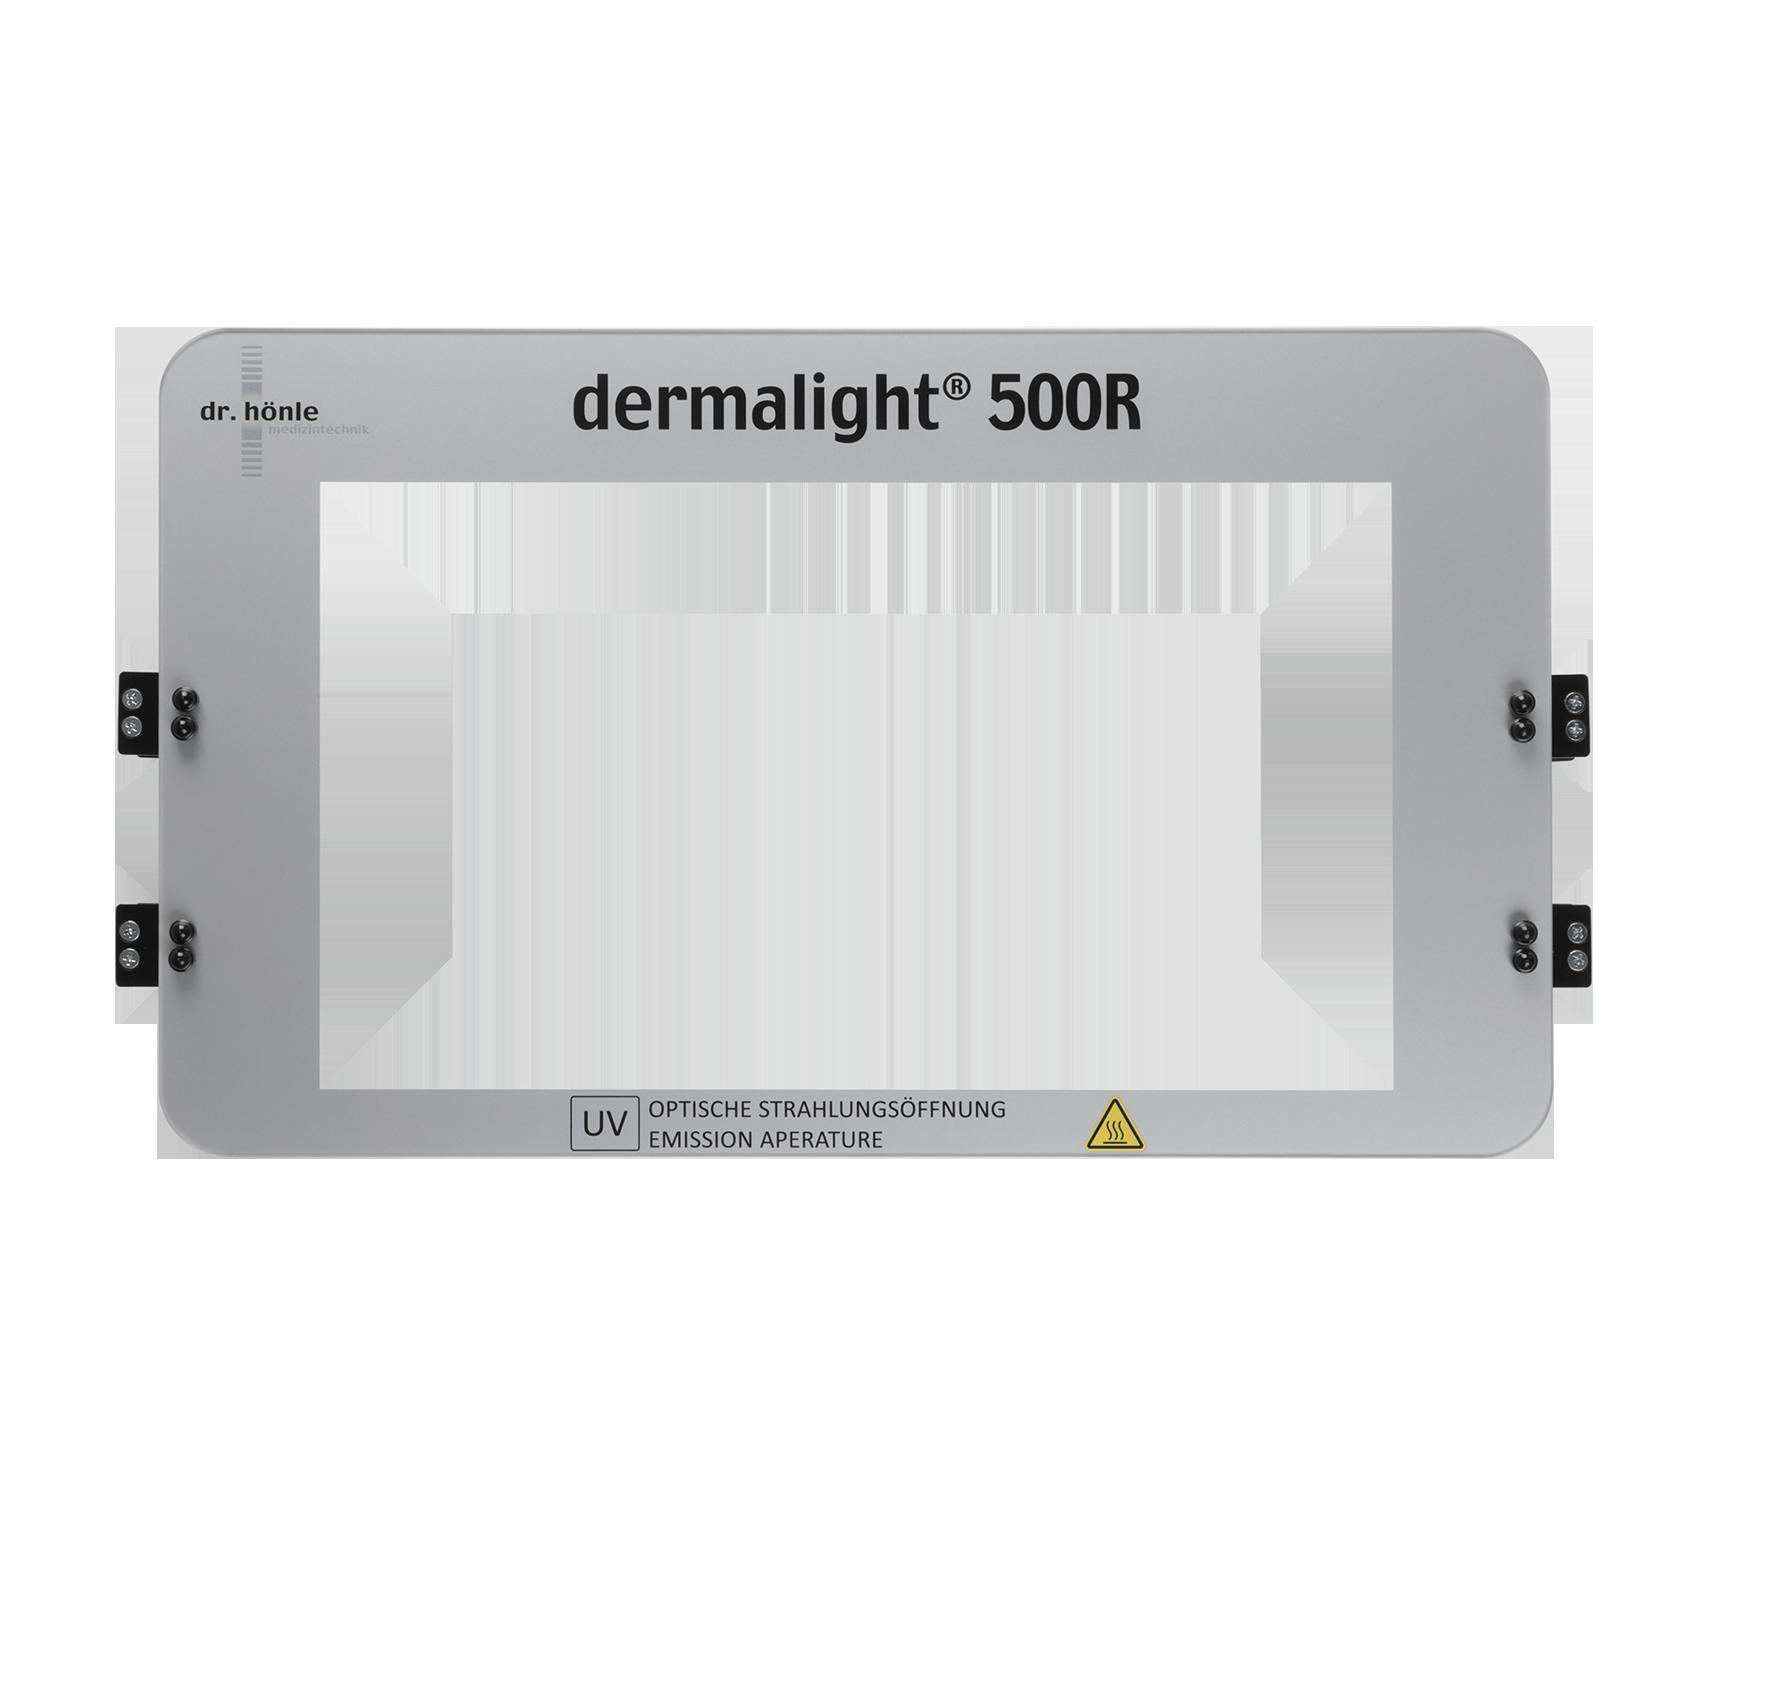 dermalight®500R Spacer